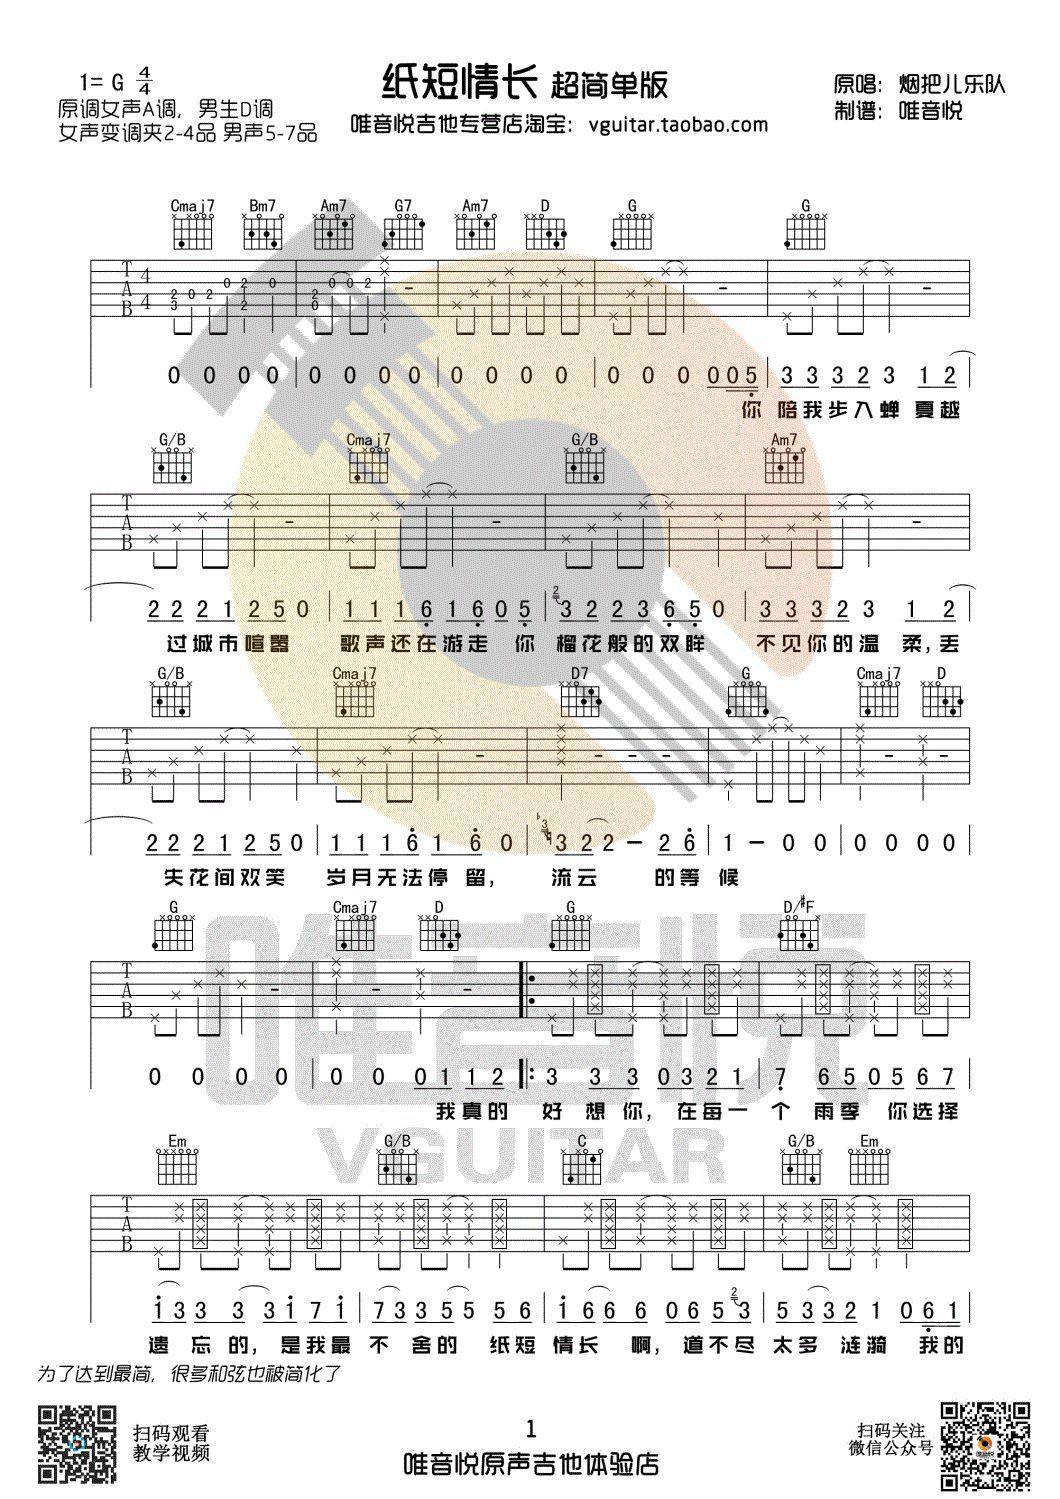 【吉他譜】紙短情長 超簡單版吉他譜 另附完整版吉他譜+教學視頻圖片